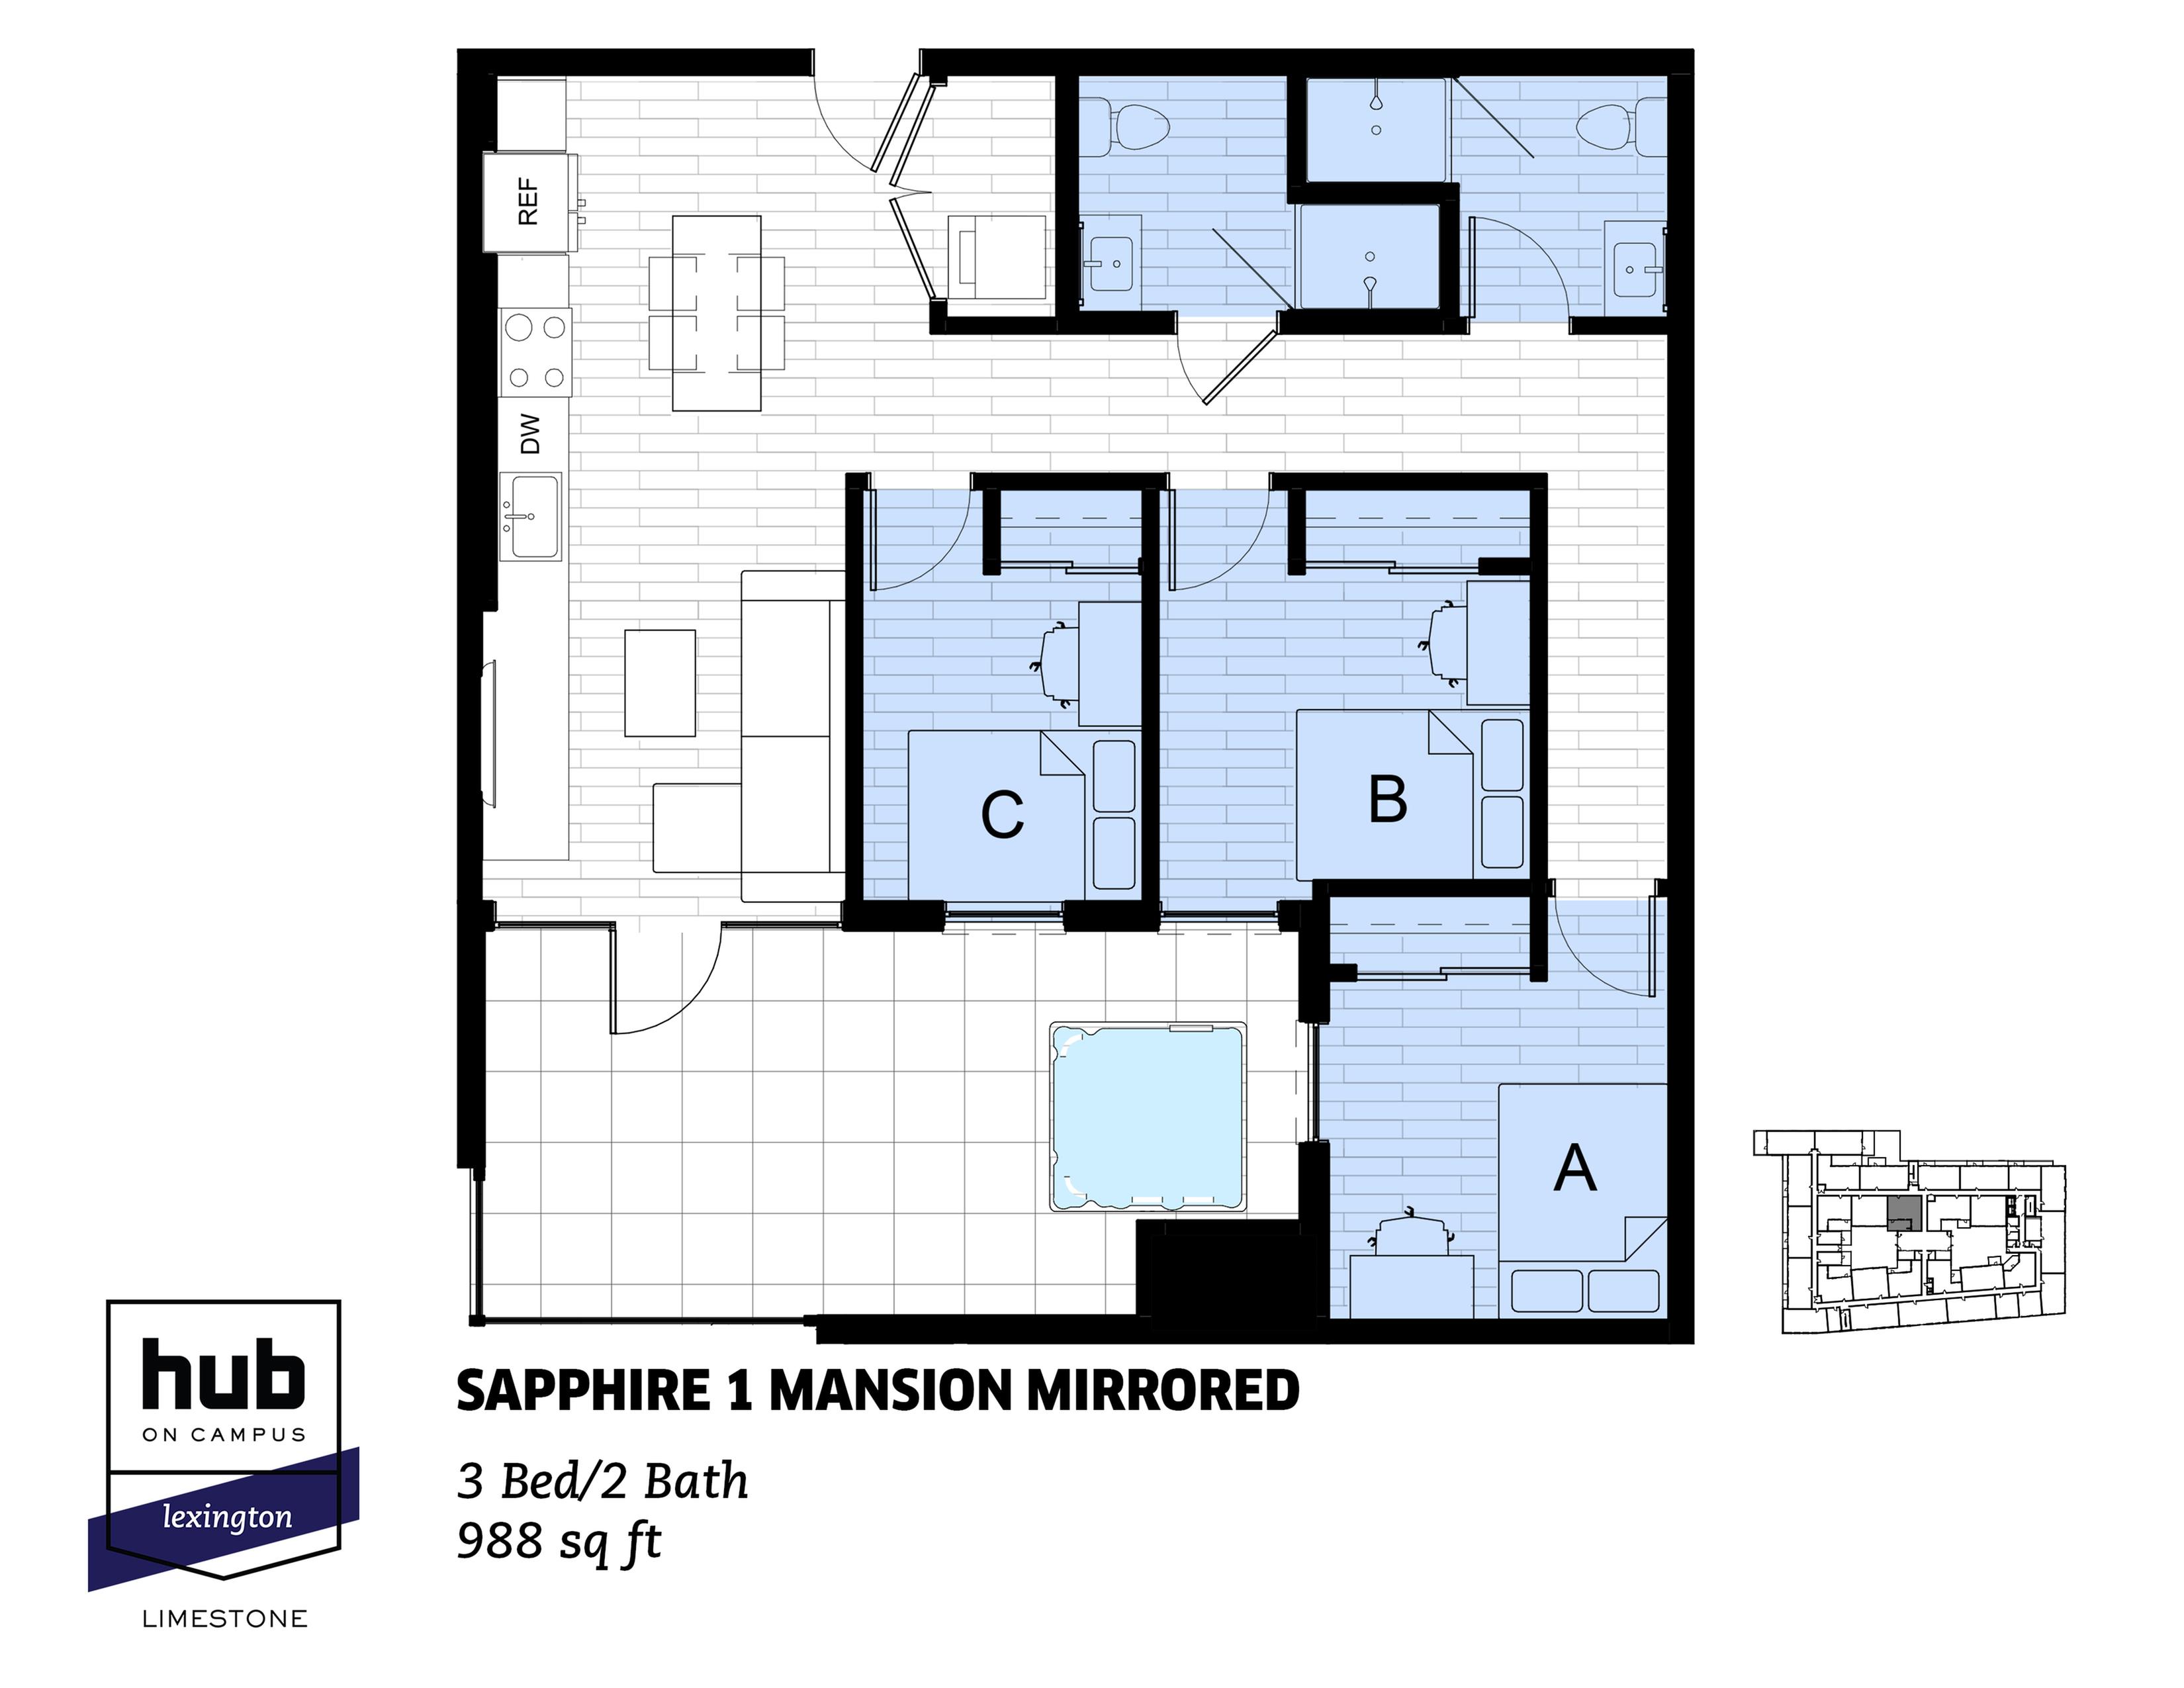 Sapphire 1 Mansion Mirrored